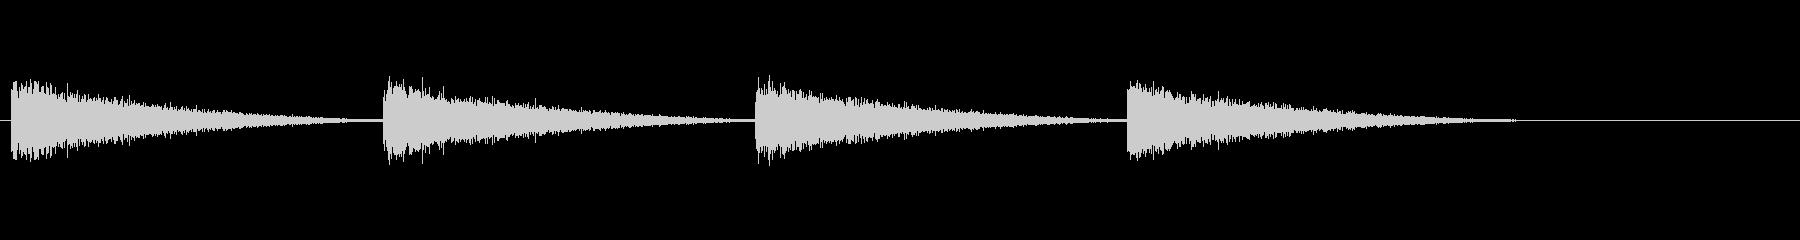 ゴーンゴーン/古時計の鐘/ホラー/ 03の未再生の波形